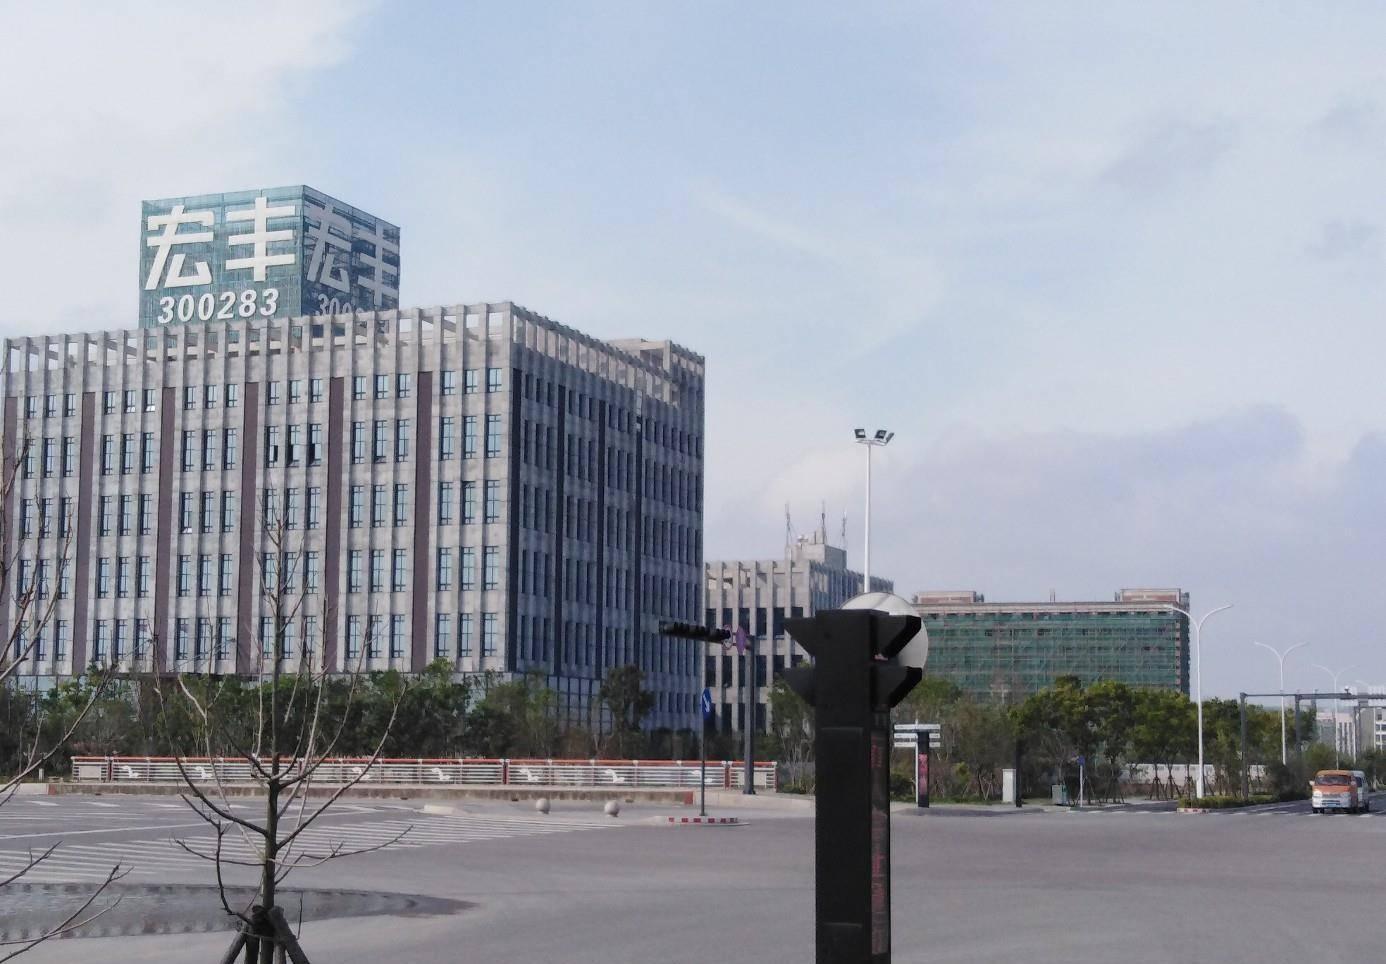 电气设备行业发明专利授权占比排行榜:温州宏丰第一